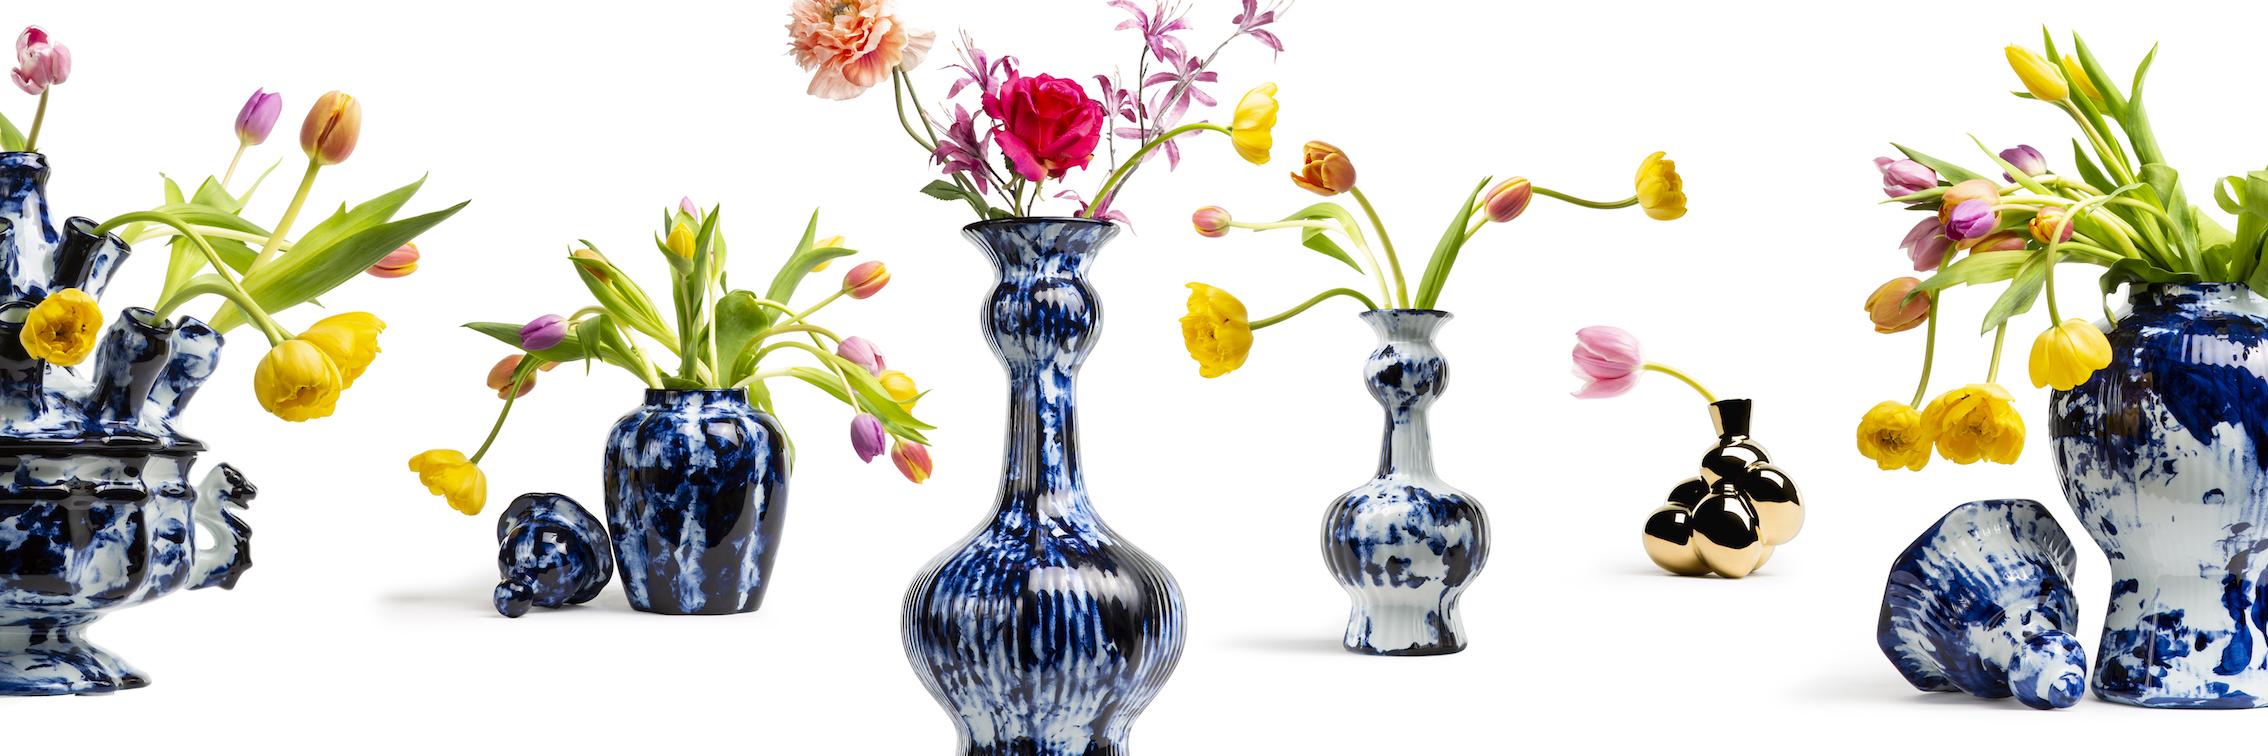 AF_MW_Spring_All_VAses.jpg